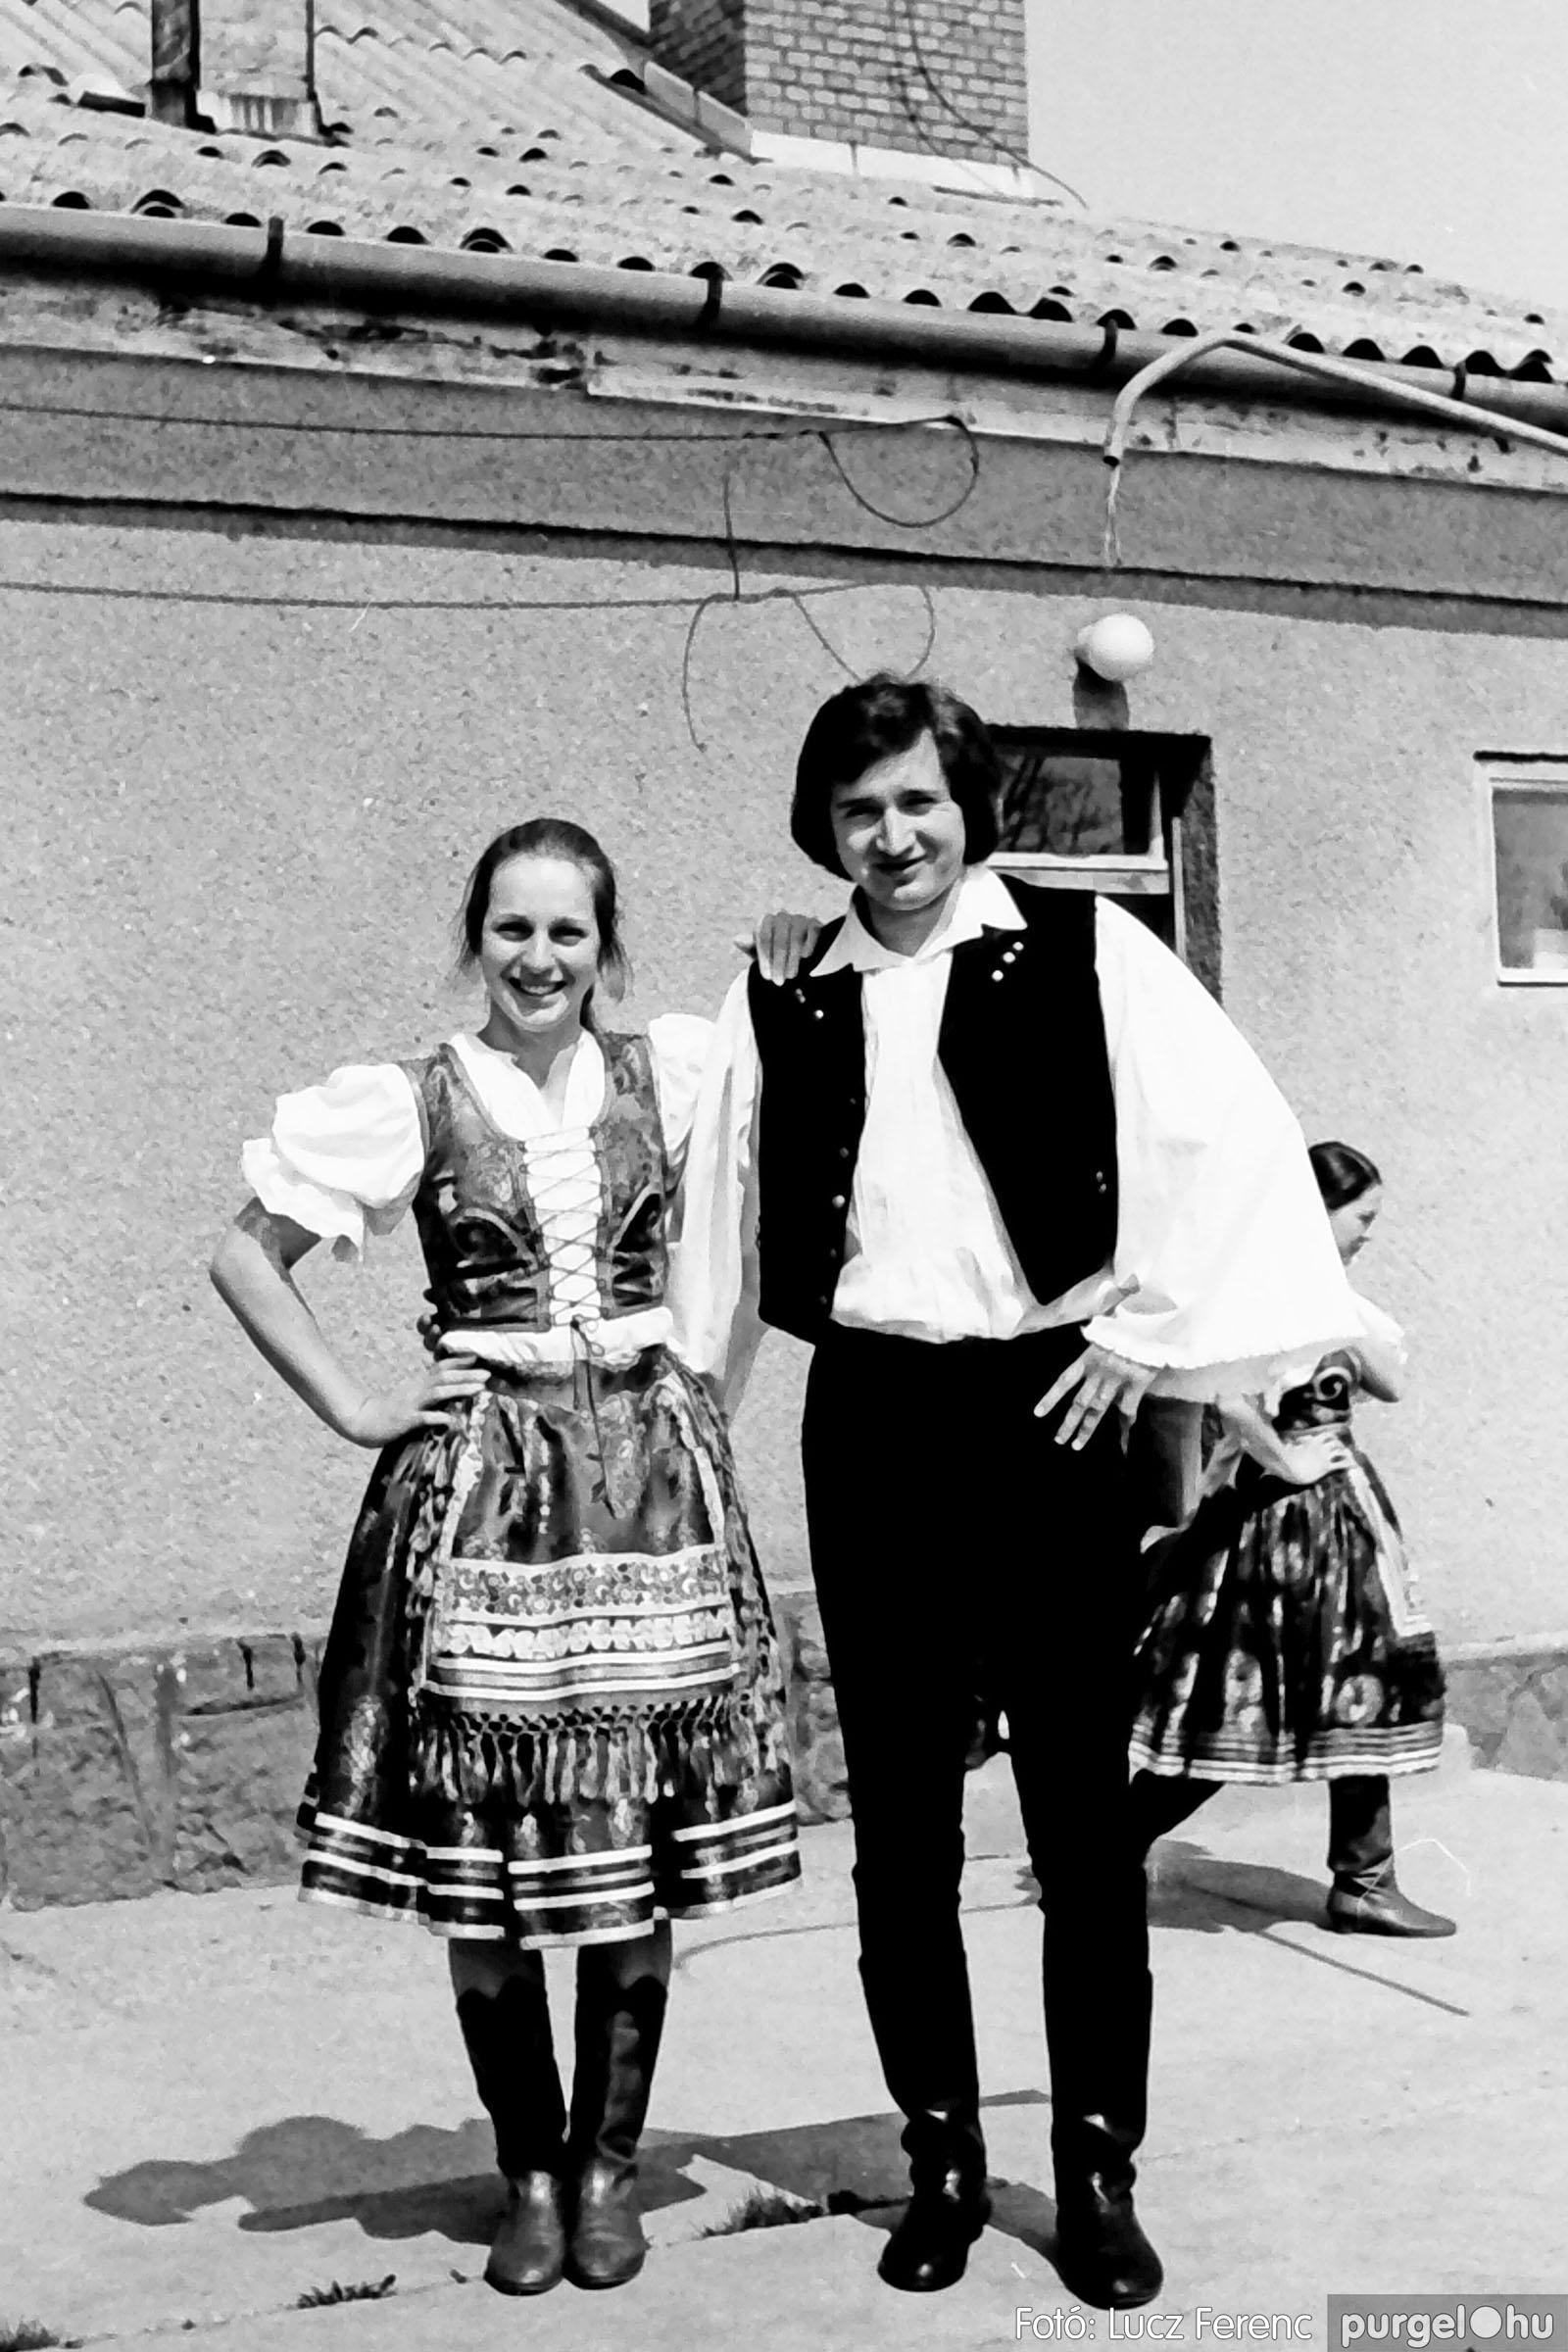 039. 1976.04.04. Április 4-i ünnepség a kultúrházban 033. - Fotó: Lucz Ferenc.jpg